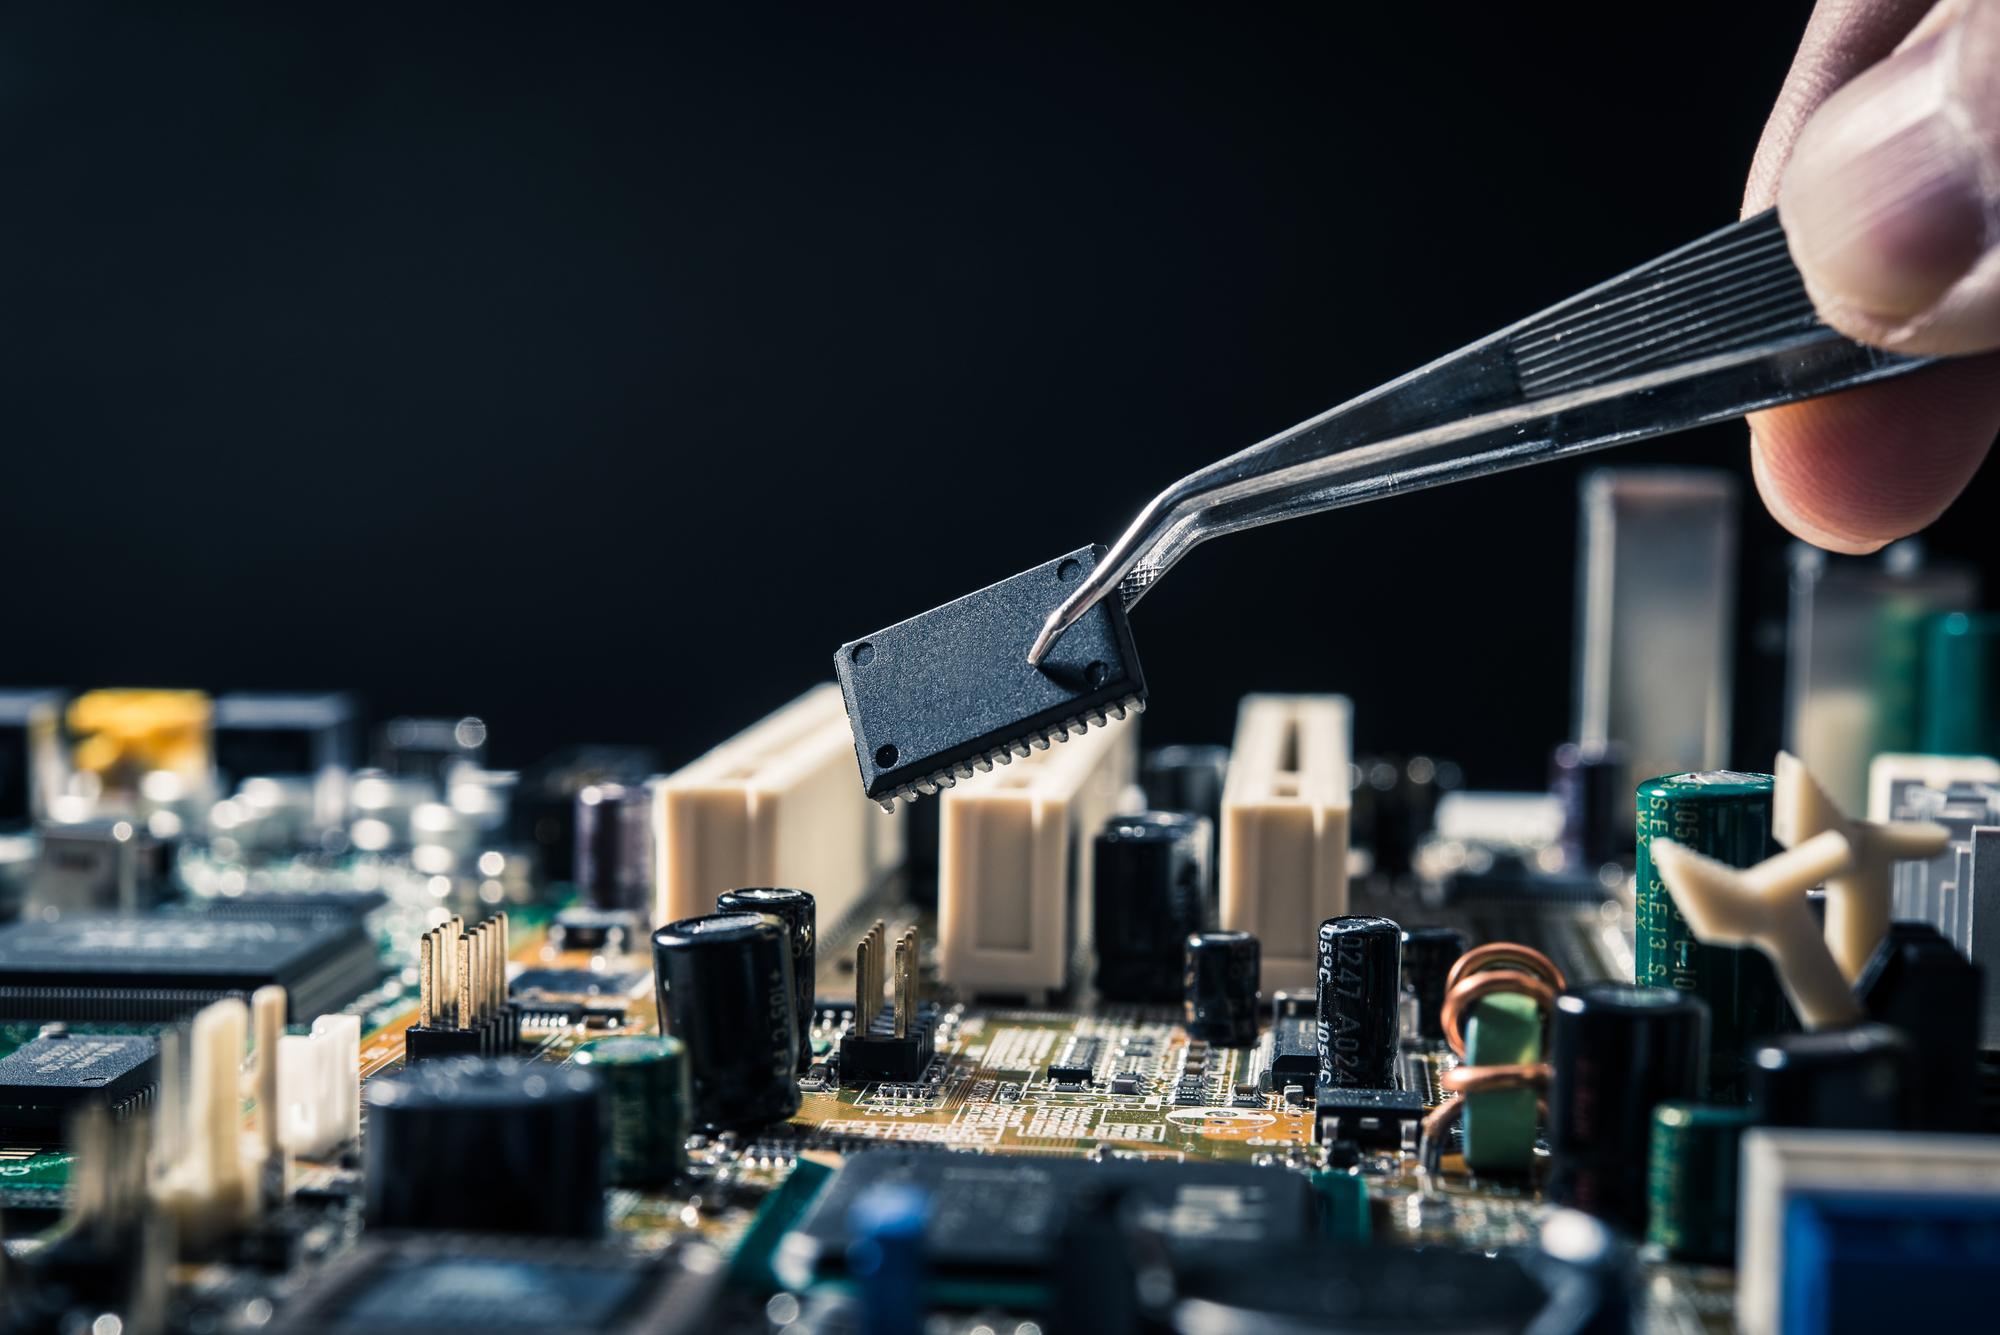 05_ノートパソコンのCPU交換方法を徹底解説!手順を守れば自分でも可能